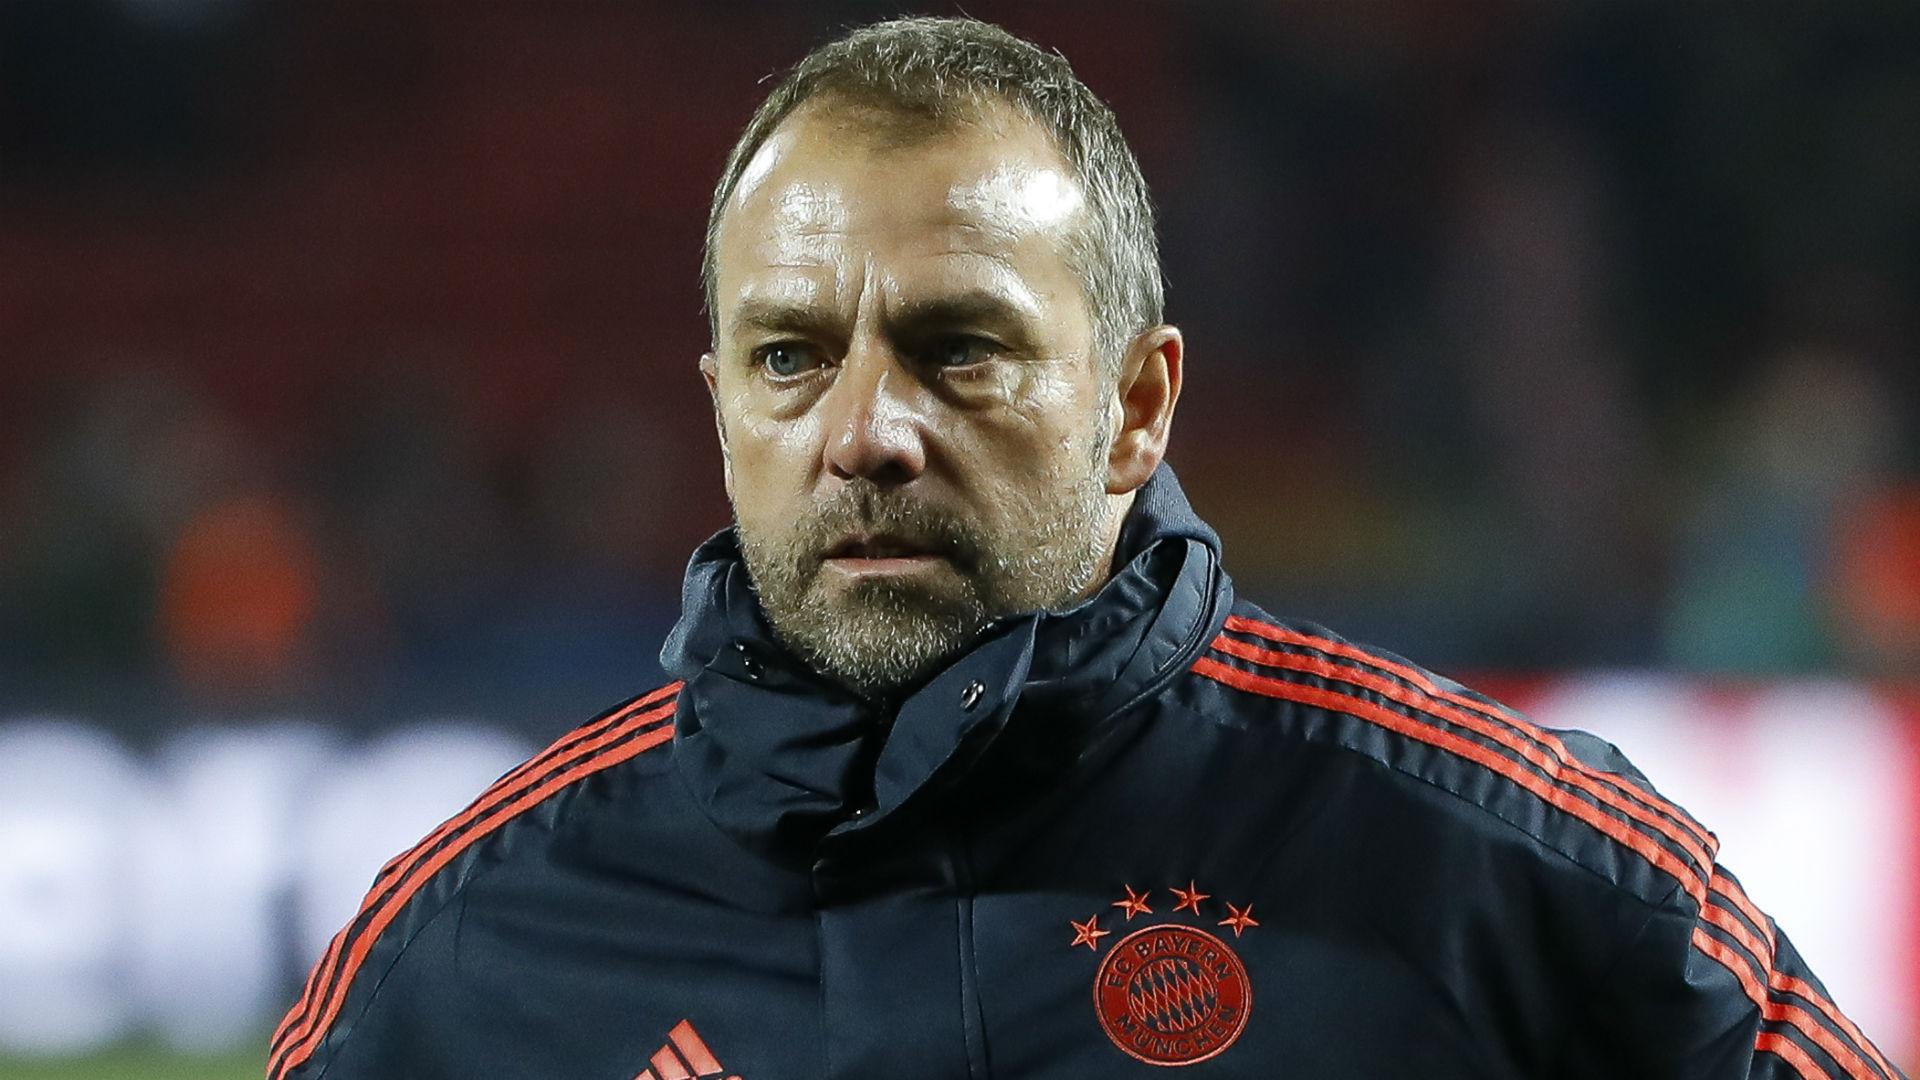 Flick backs Tuchel philosophy as Bayern Munich hunt new coach